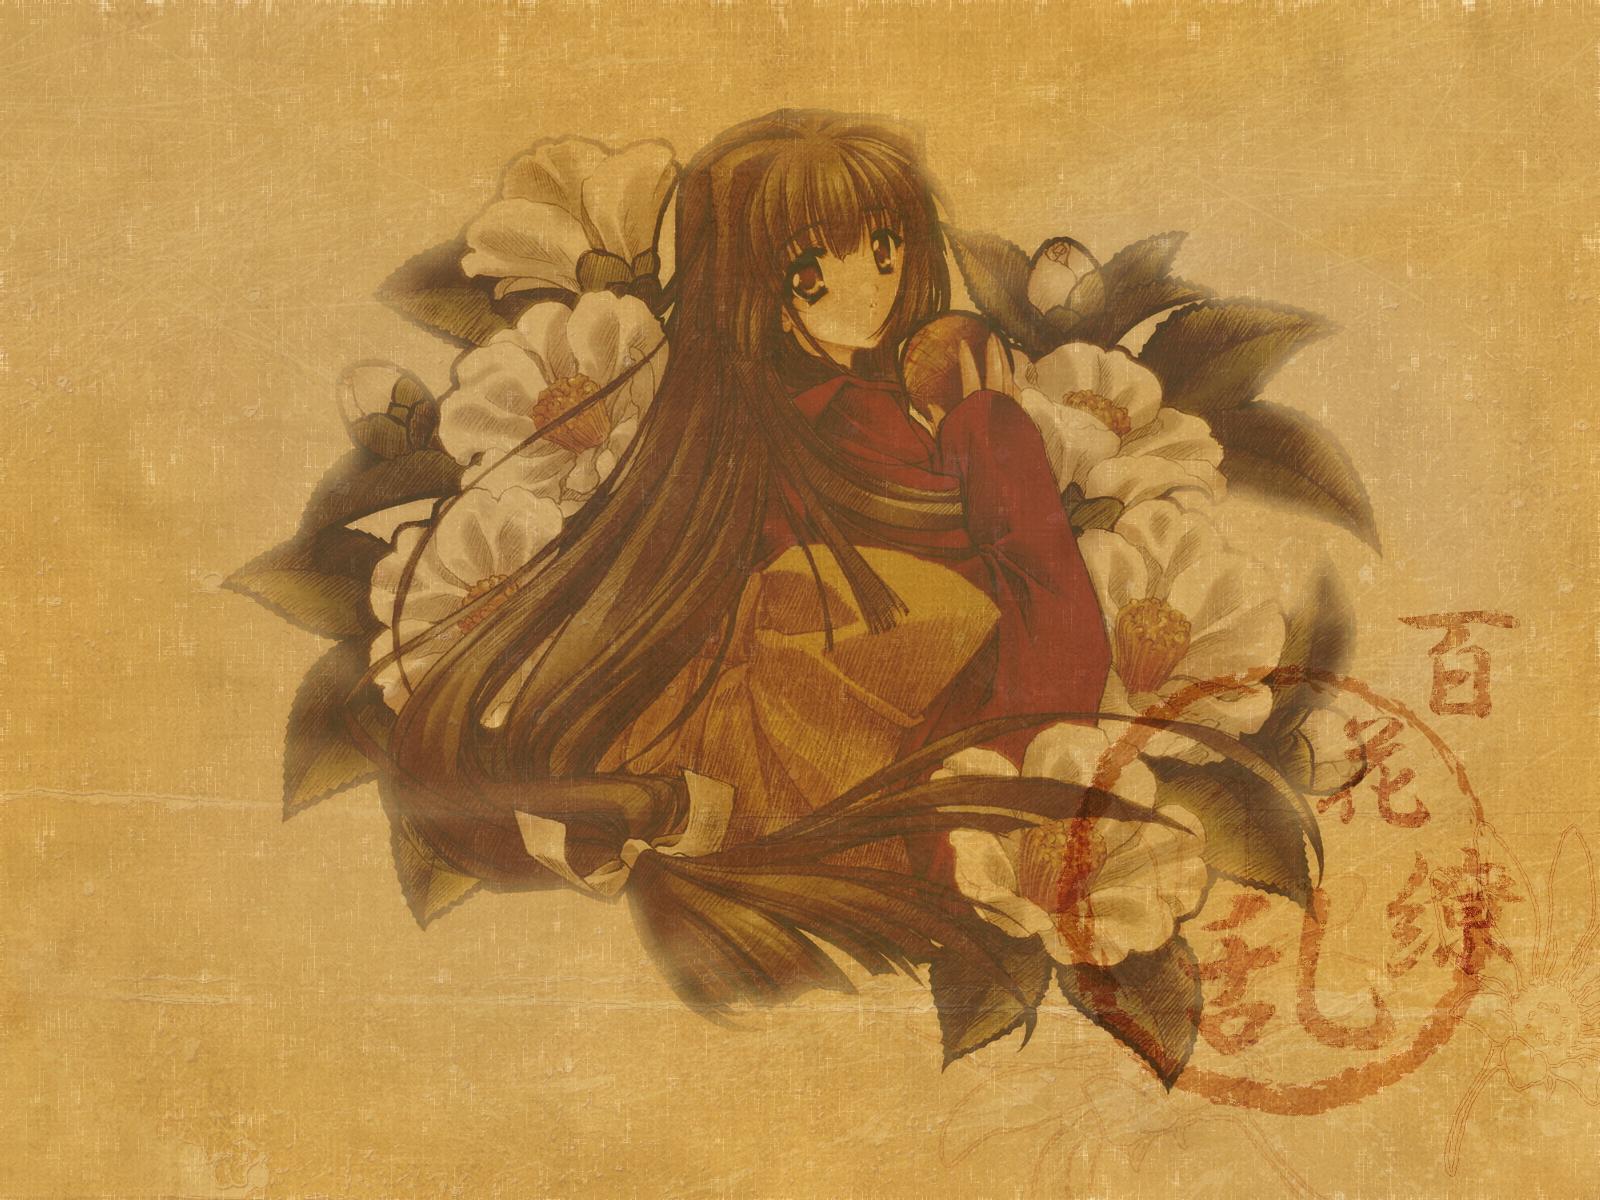 brown carnelian kao_no_nai_tsuki kuraki_mizuna long_hair